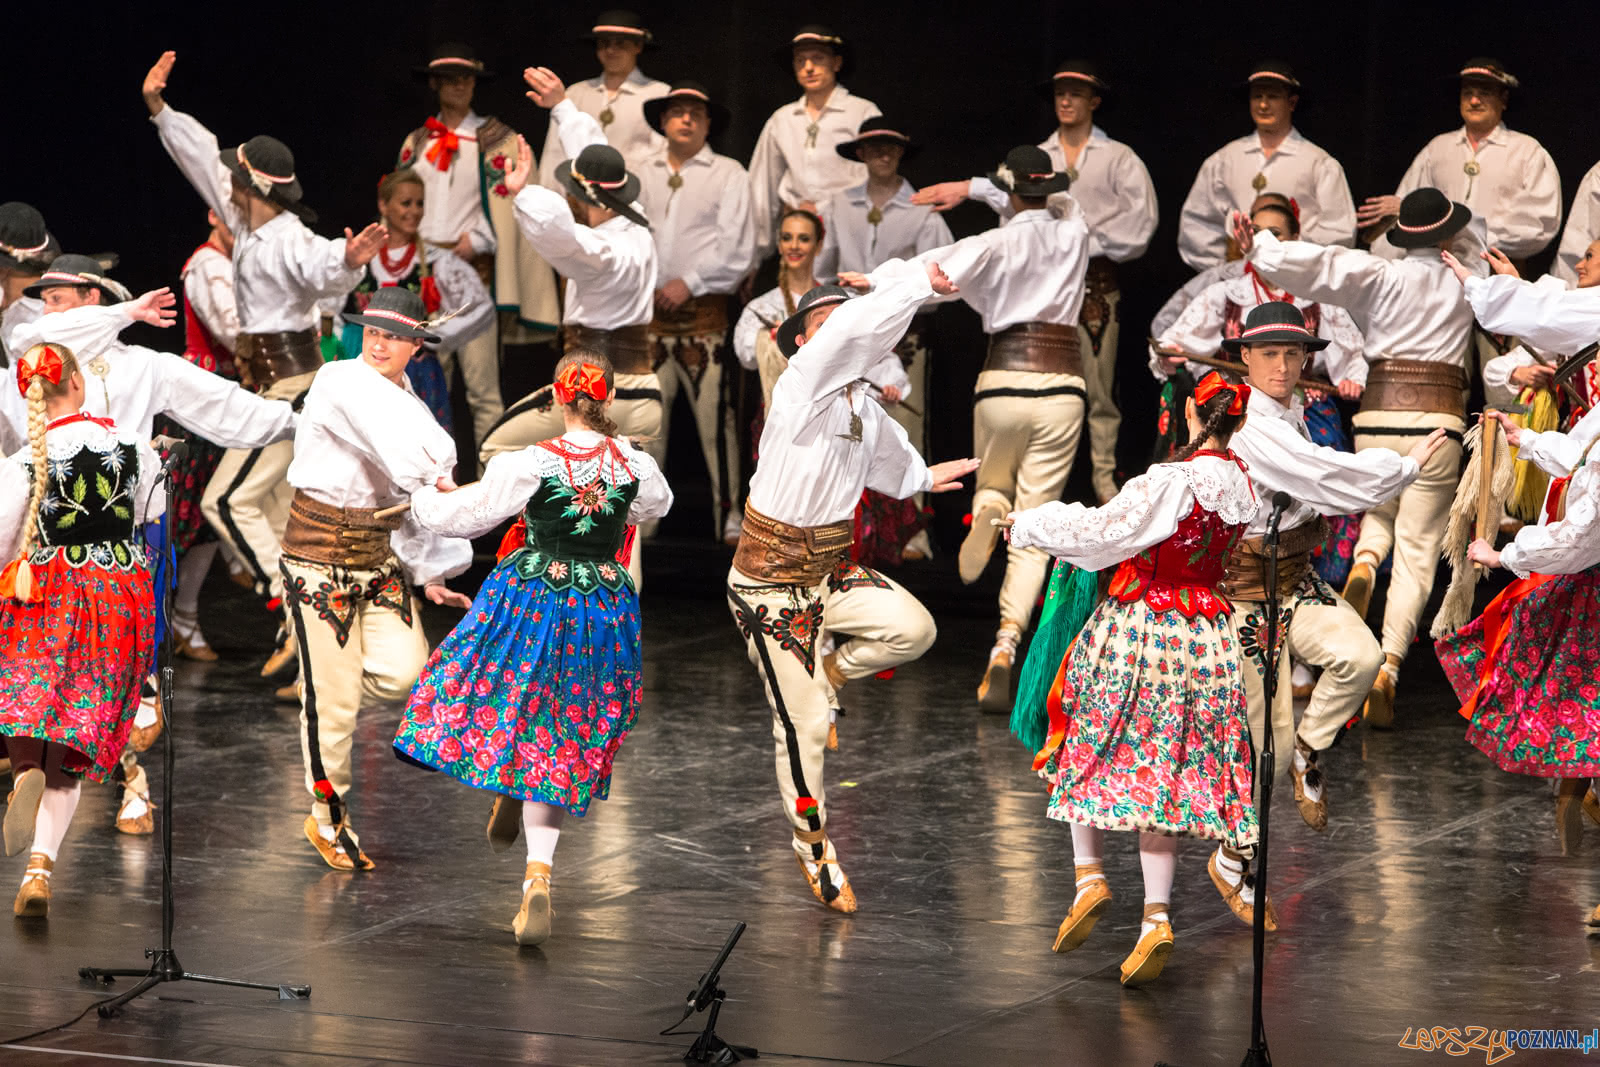 Jubileuszowa Gala Zespołu ŚLĄSK w Teatrze Wielkim - Poznań 1  Foto: LepszyPOZNAN.pl / Paweł Rychter